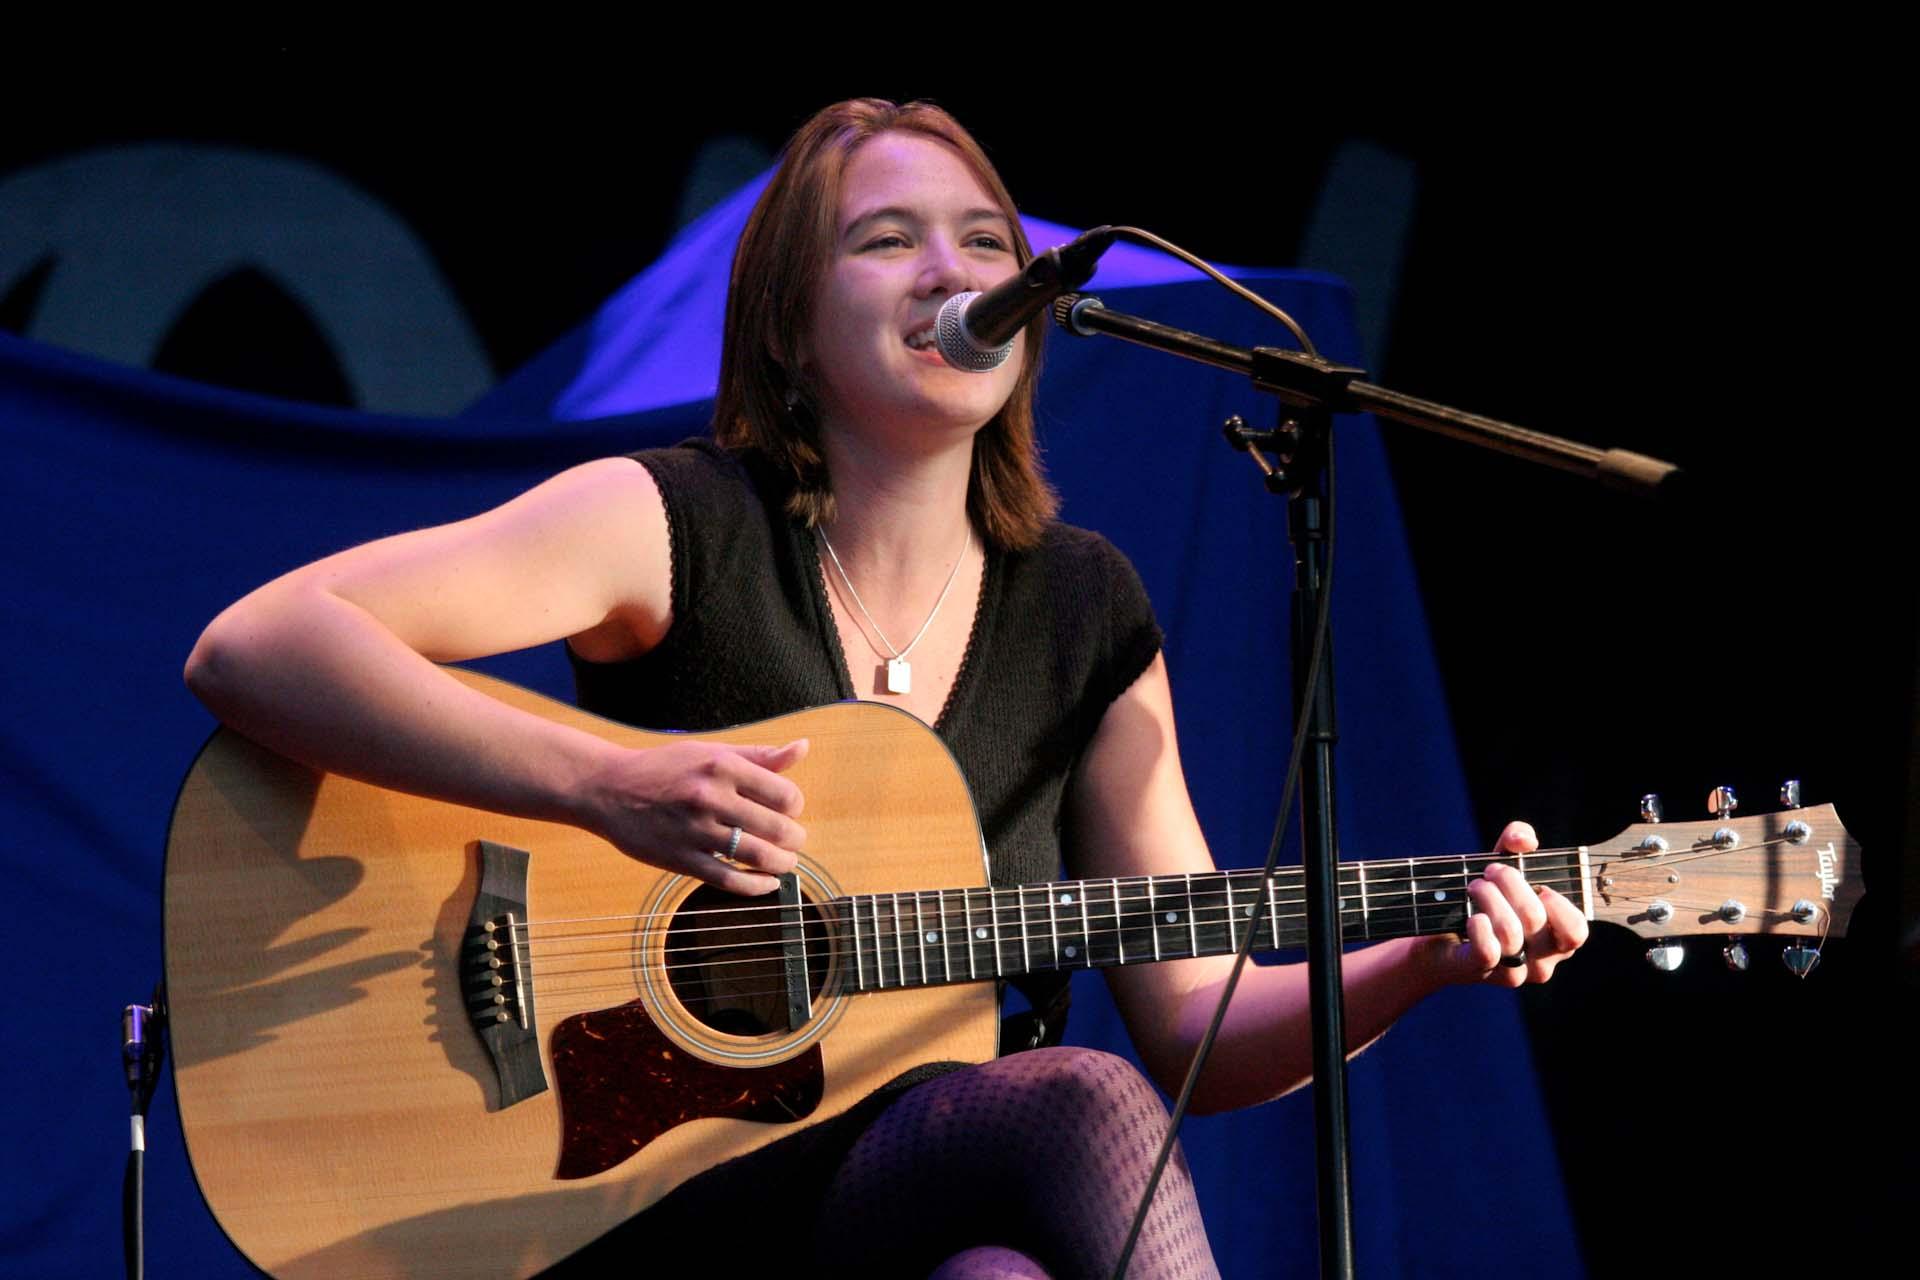 Stimmen 2007 im Wenkenpark – Die Karriere von Sophie Hunger hatte gerade begonnen